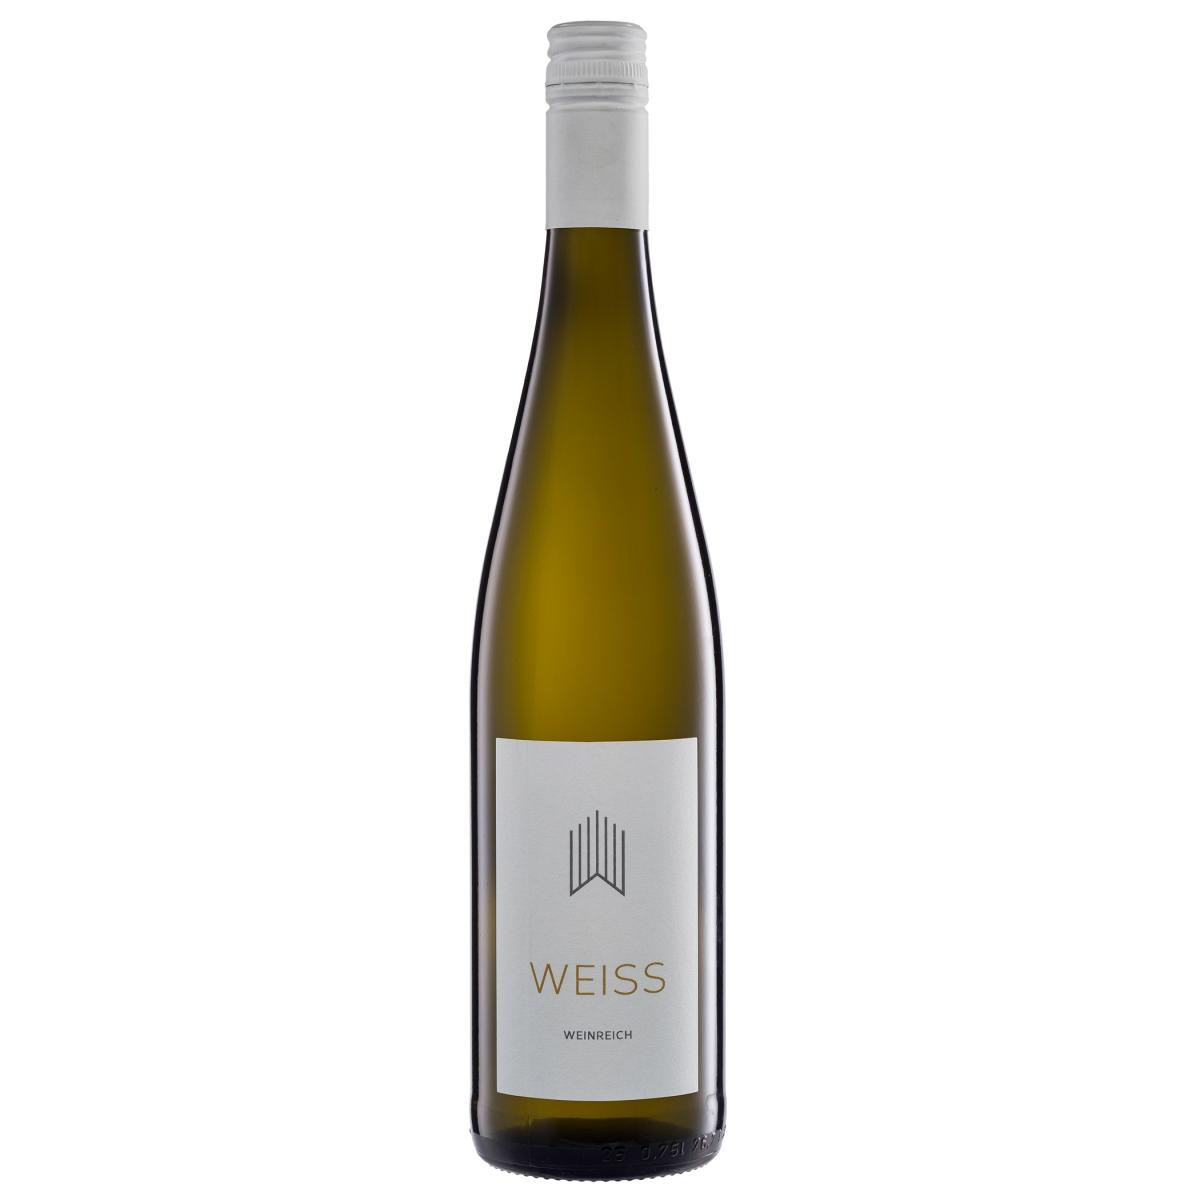 2017 Weinreich WEISS trocken (BIO)